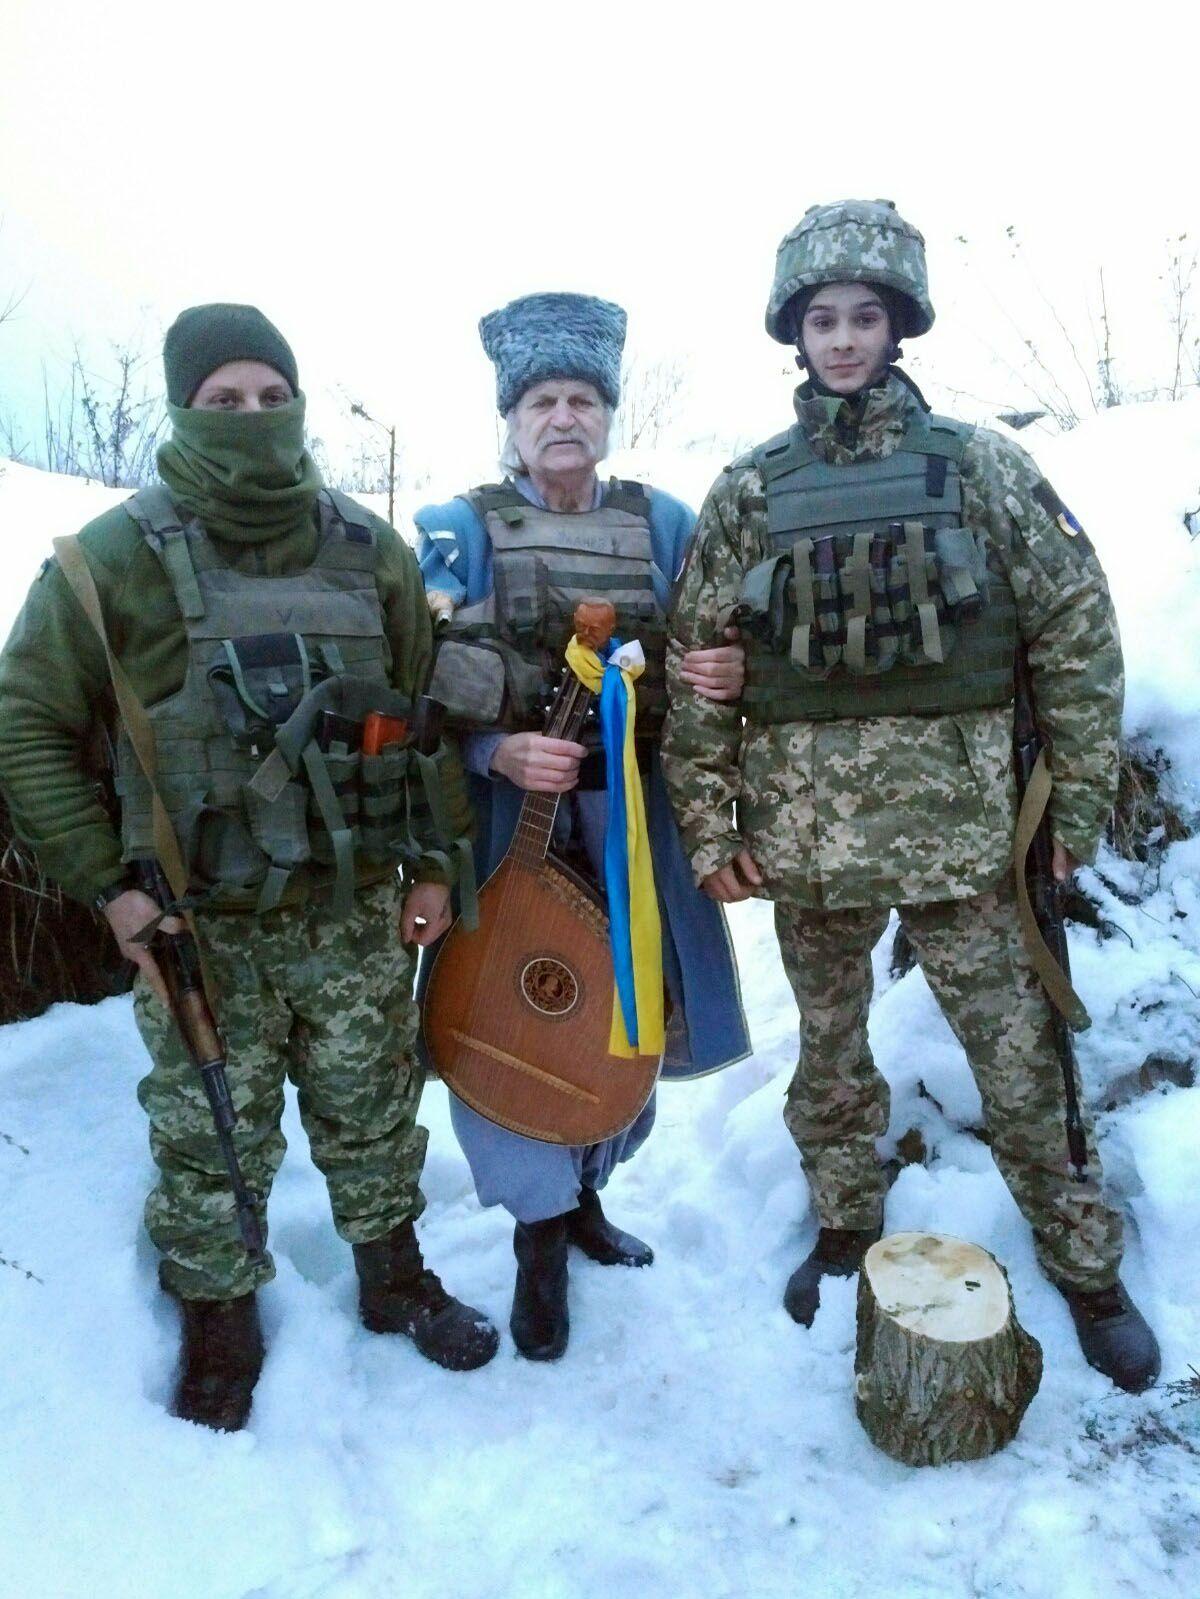 Василий Нечепа: Главное — сплотиться воедино